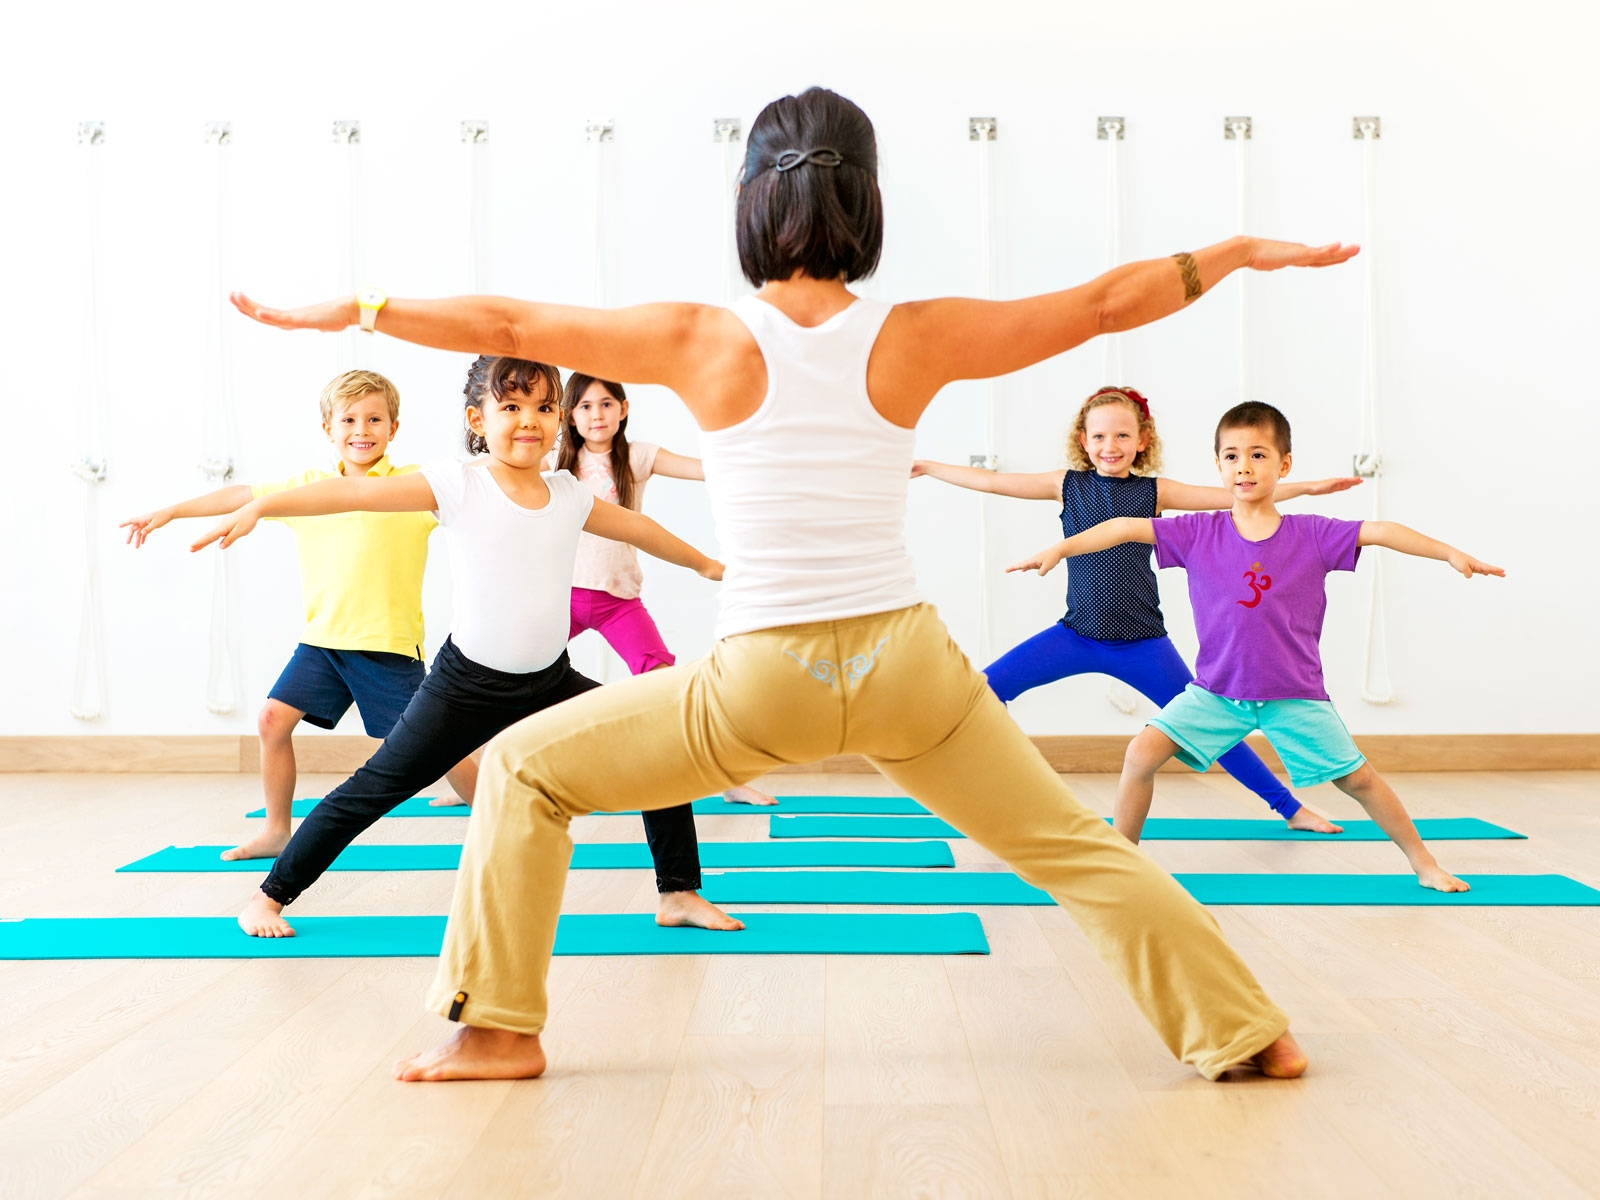 csue_bkg_kids_yoga_0-1.jpg